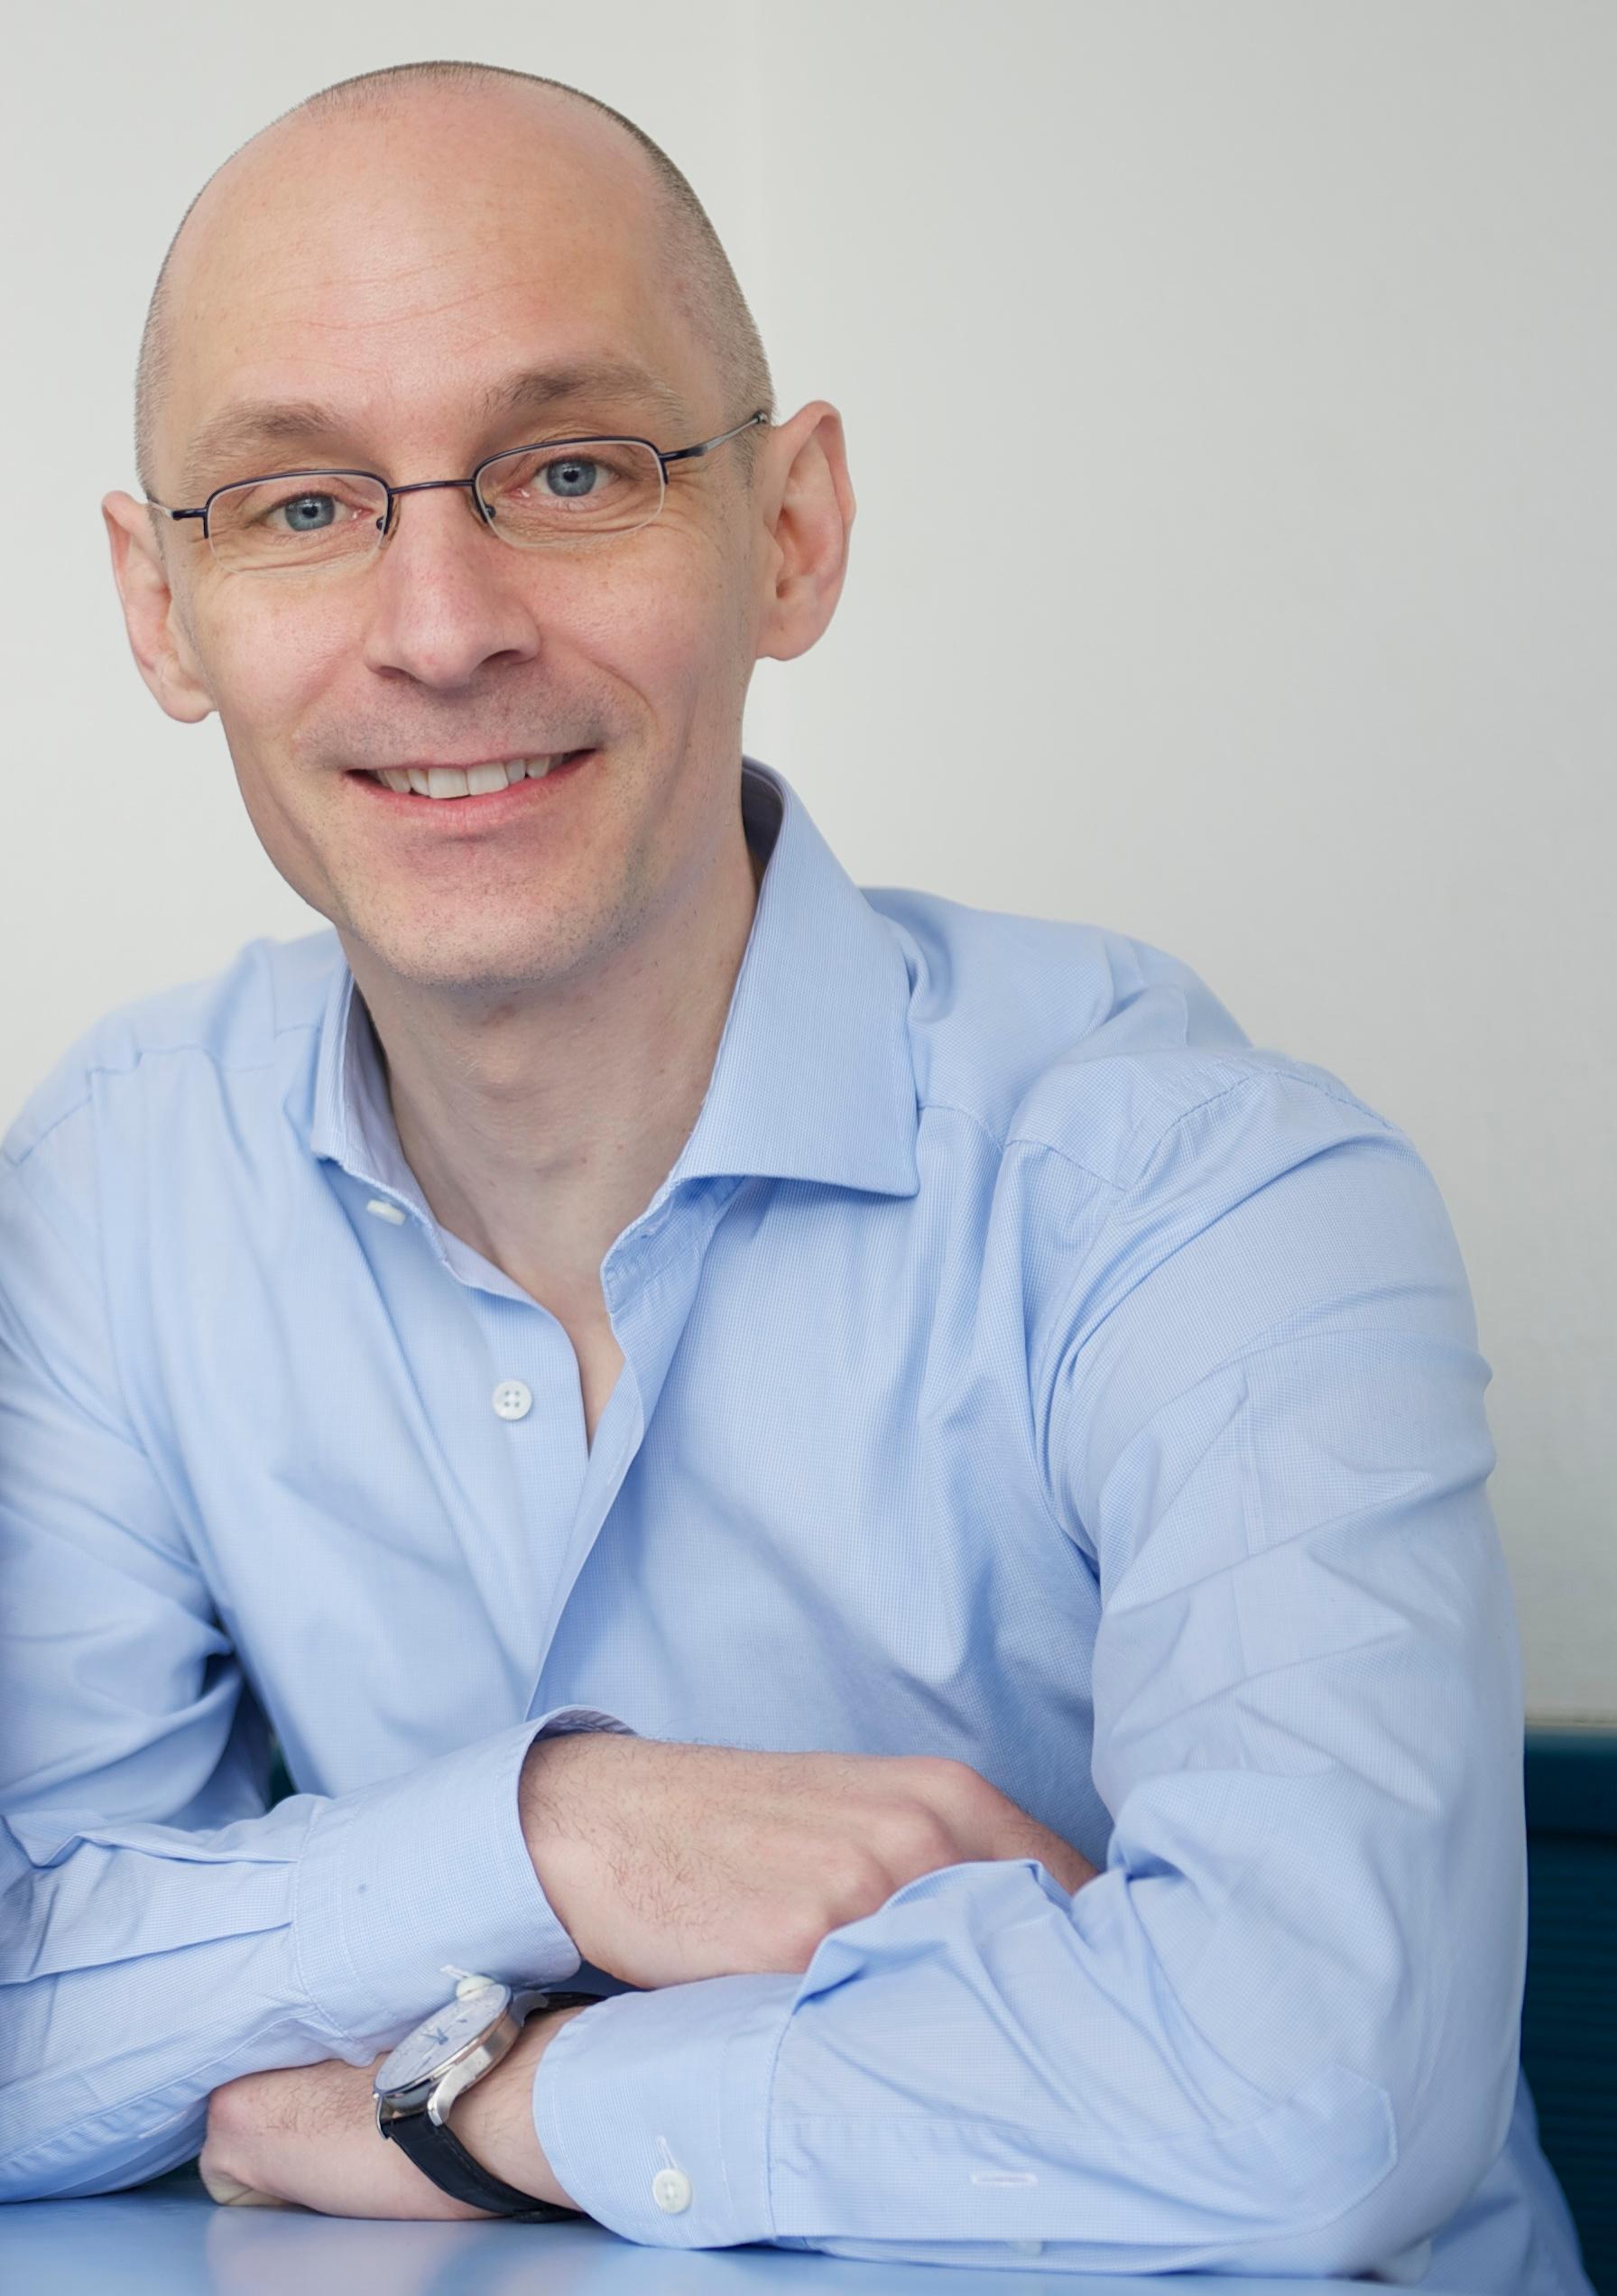 Olivier Senn